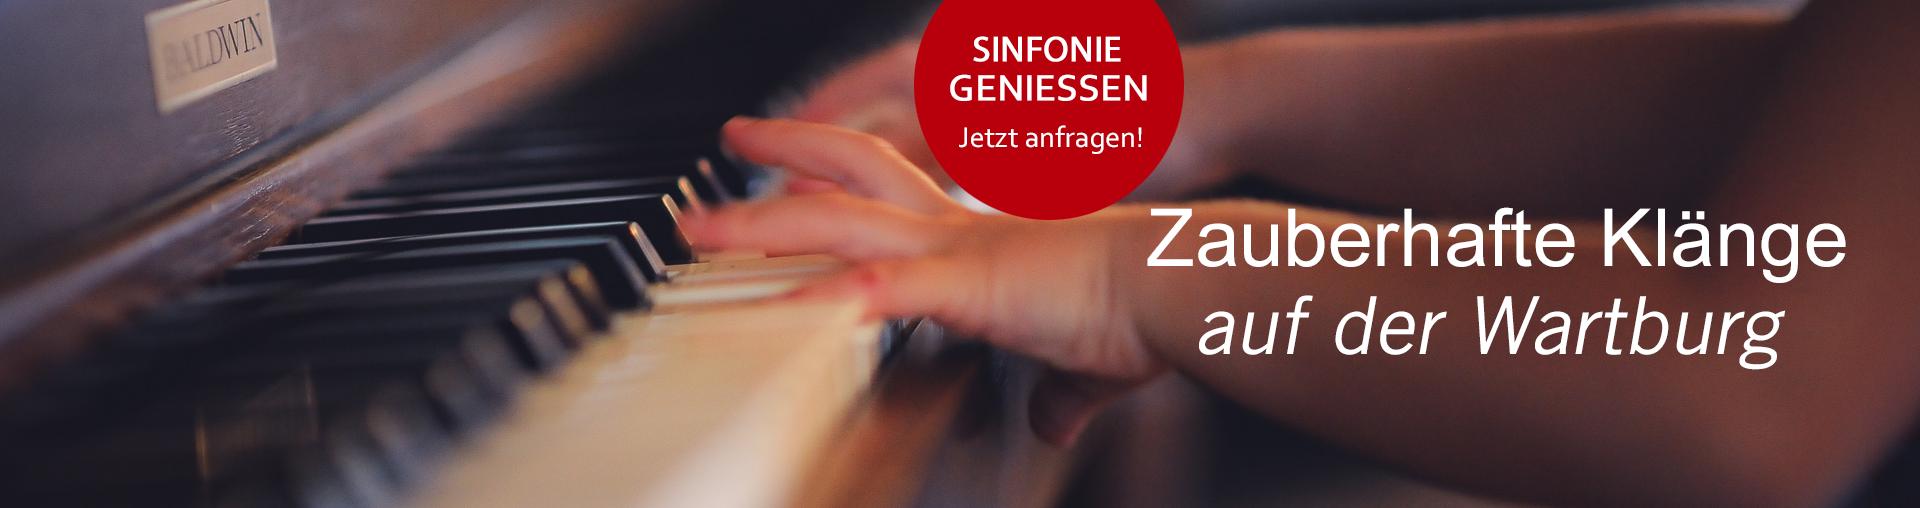 Bild zu Anfrage Angebot Sinfonie bei Hofe